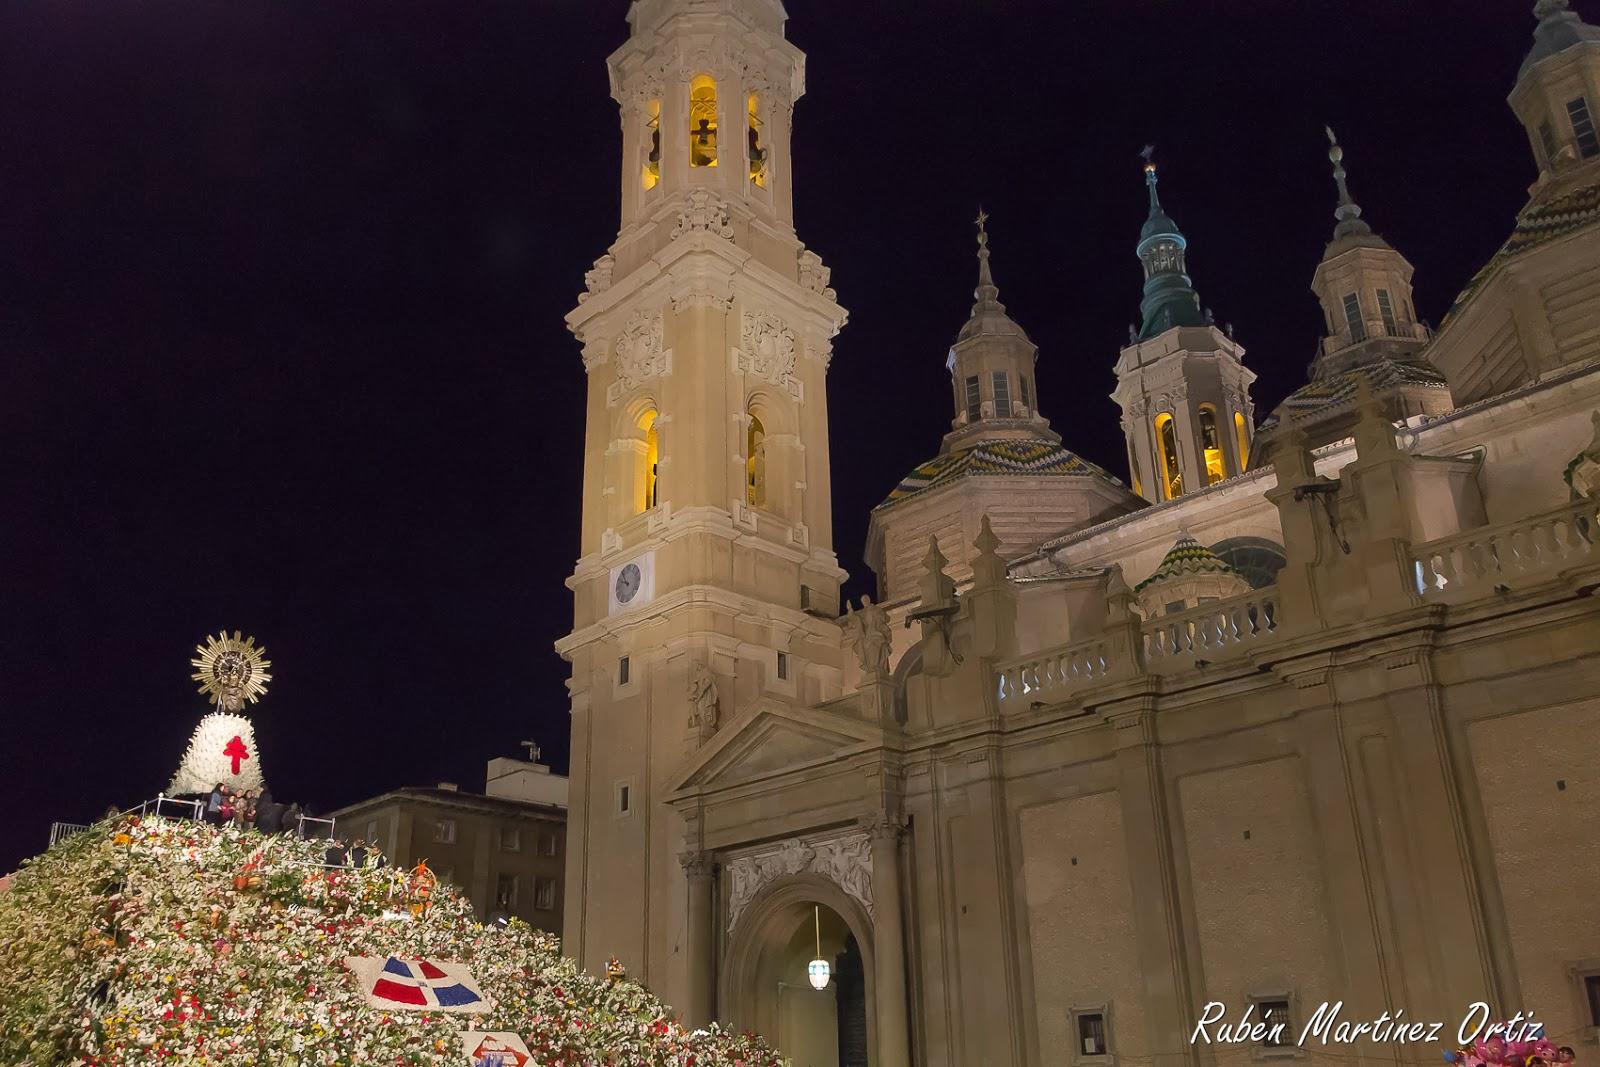 Fotos Ofrenda De Flores Zaragoza 2013 - Fiestas del Pilar 2015 de Zaragoza Programa de las fiestas